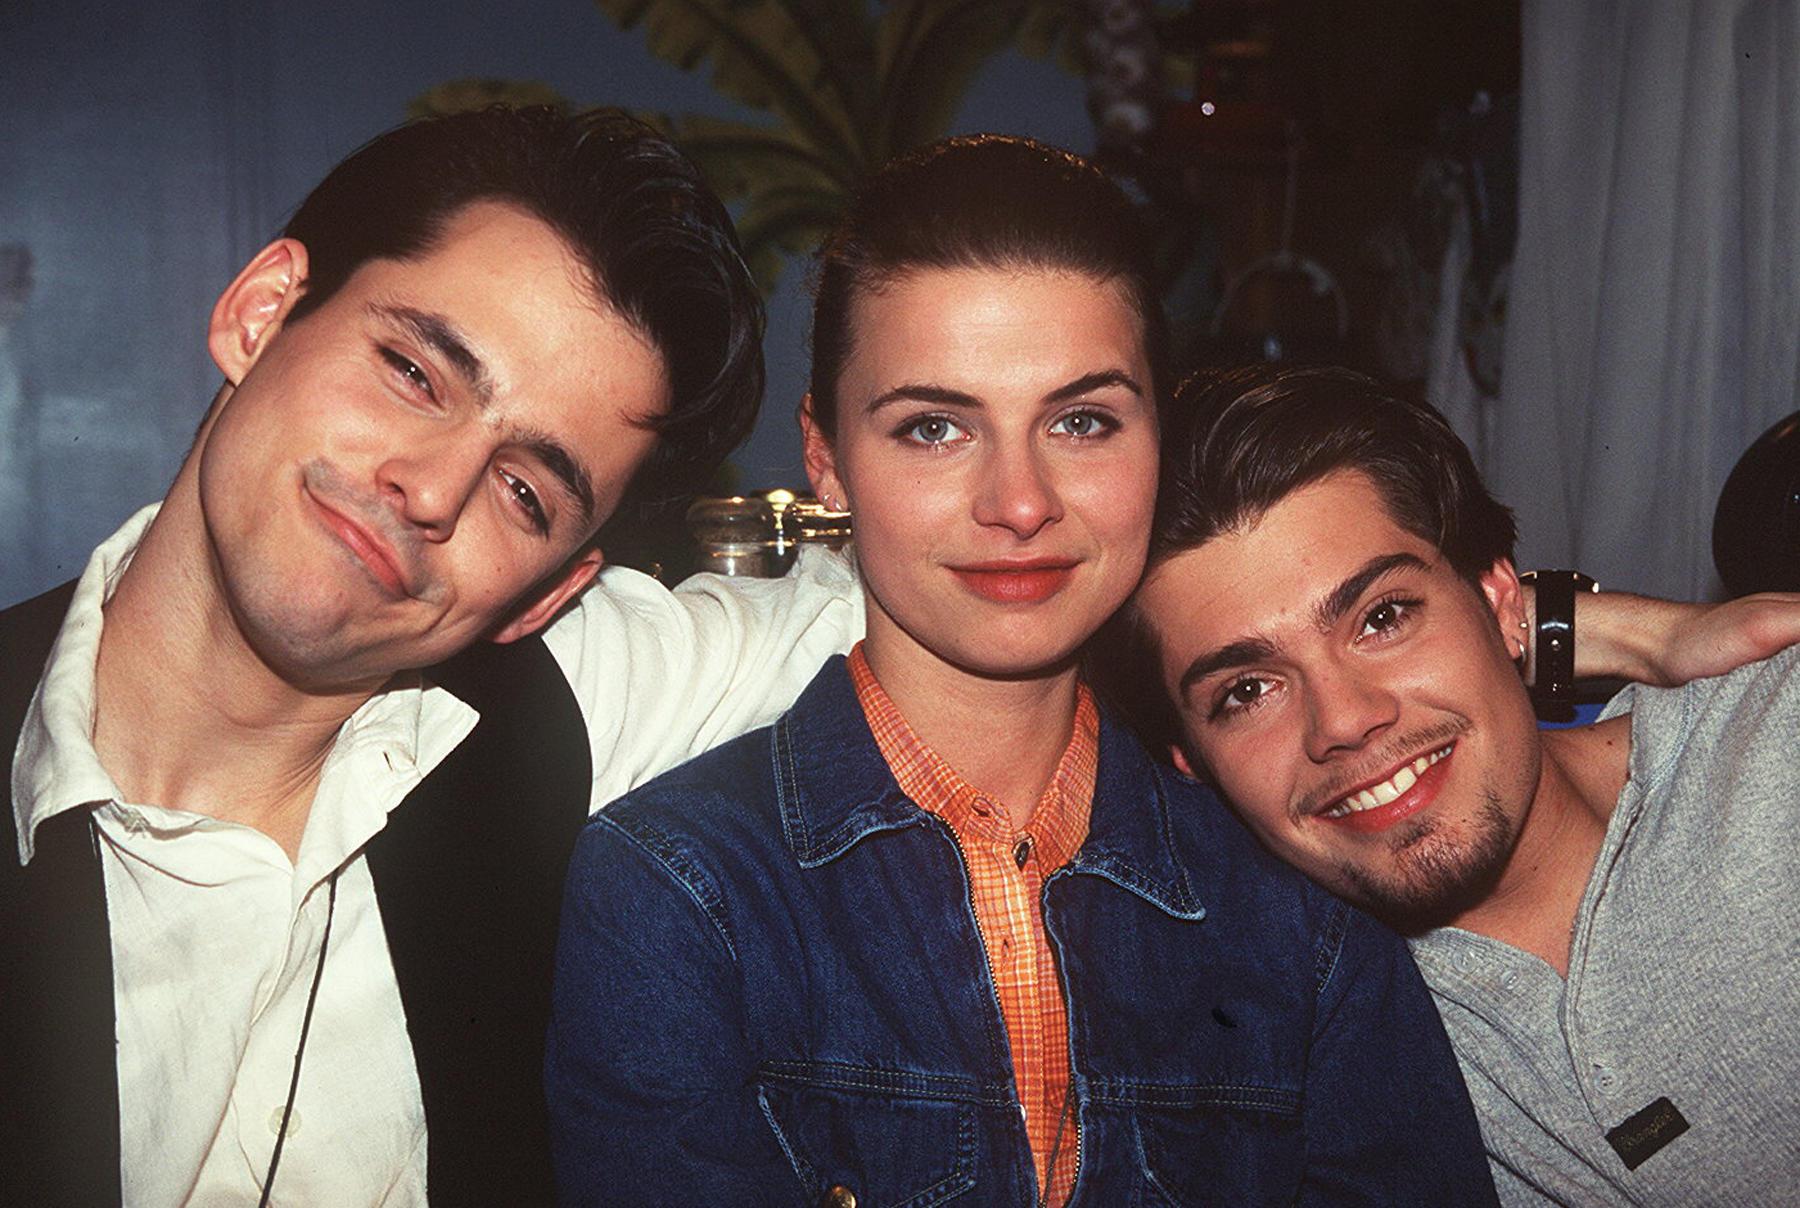 Ralf Benon (spielte Fabian Moreno), Anne Brendler (Vanessa Moreno) und Daniel Fehlow (Leon Moreno) spielten in GZSZ Geschwister.